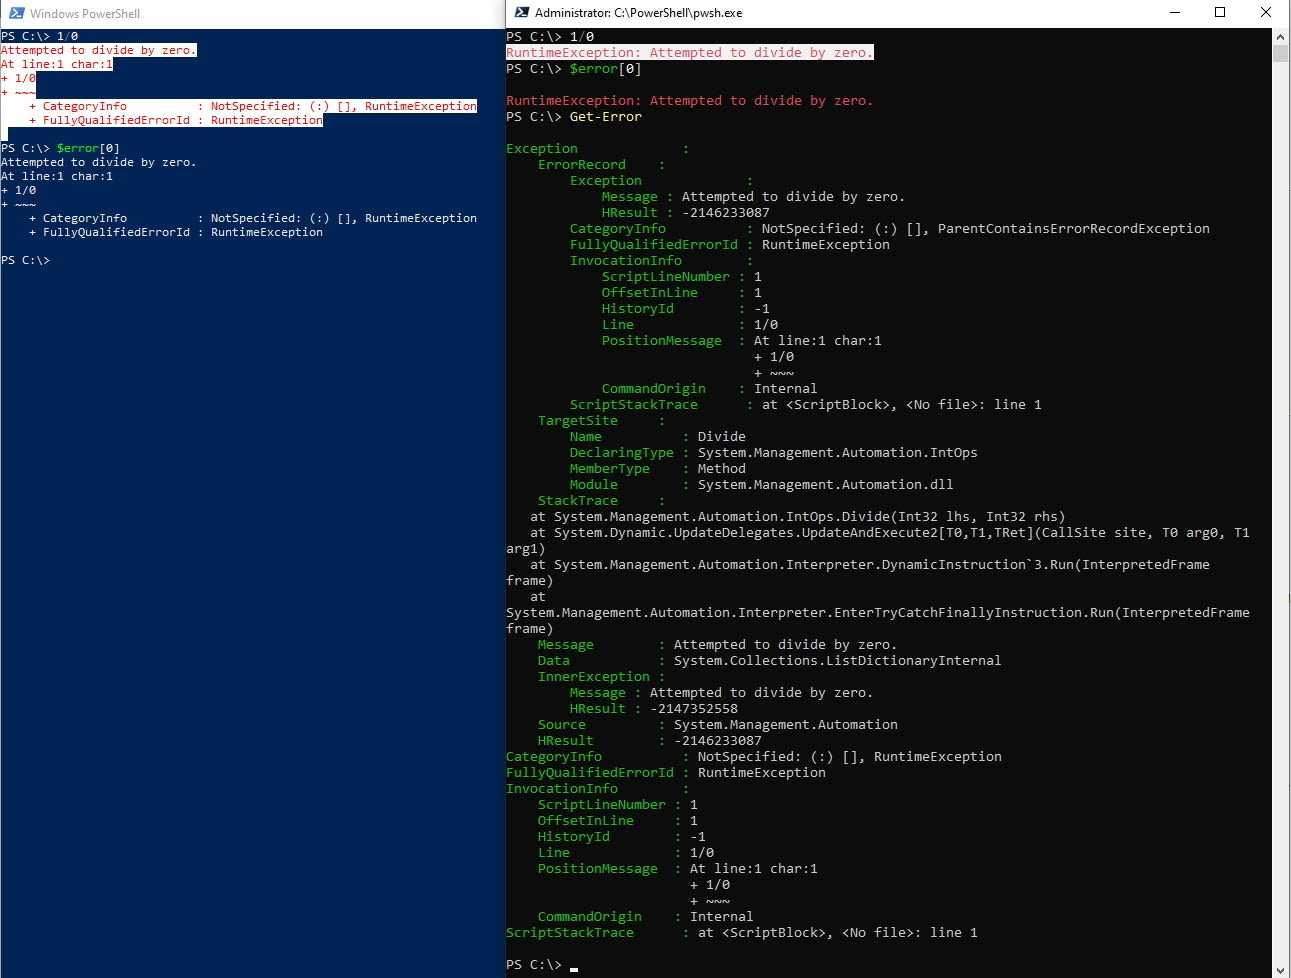 Vergleich der Fehlerausgabe in Windows PowerShell 5.1 und PowerShell 7.0